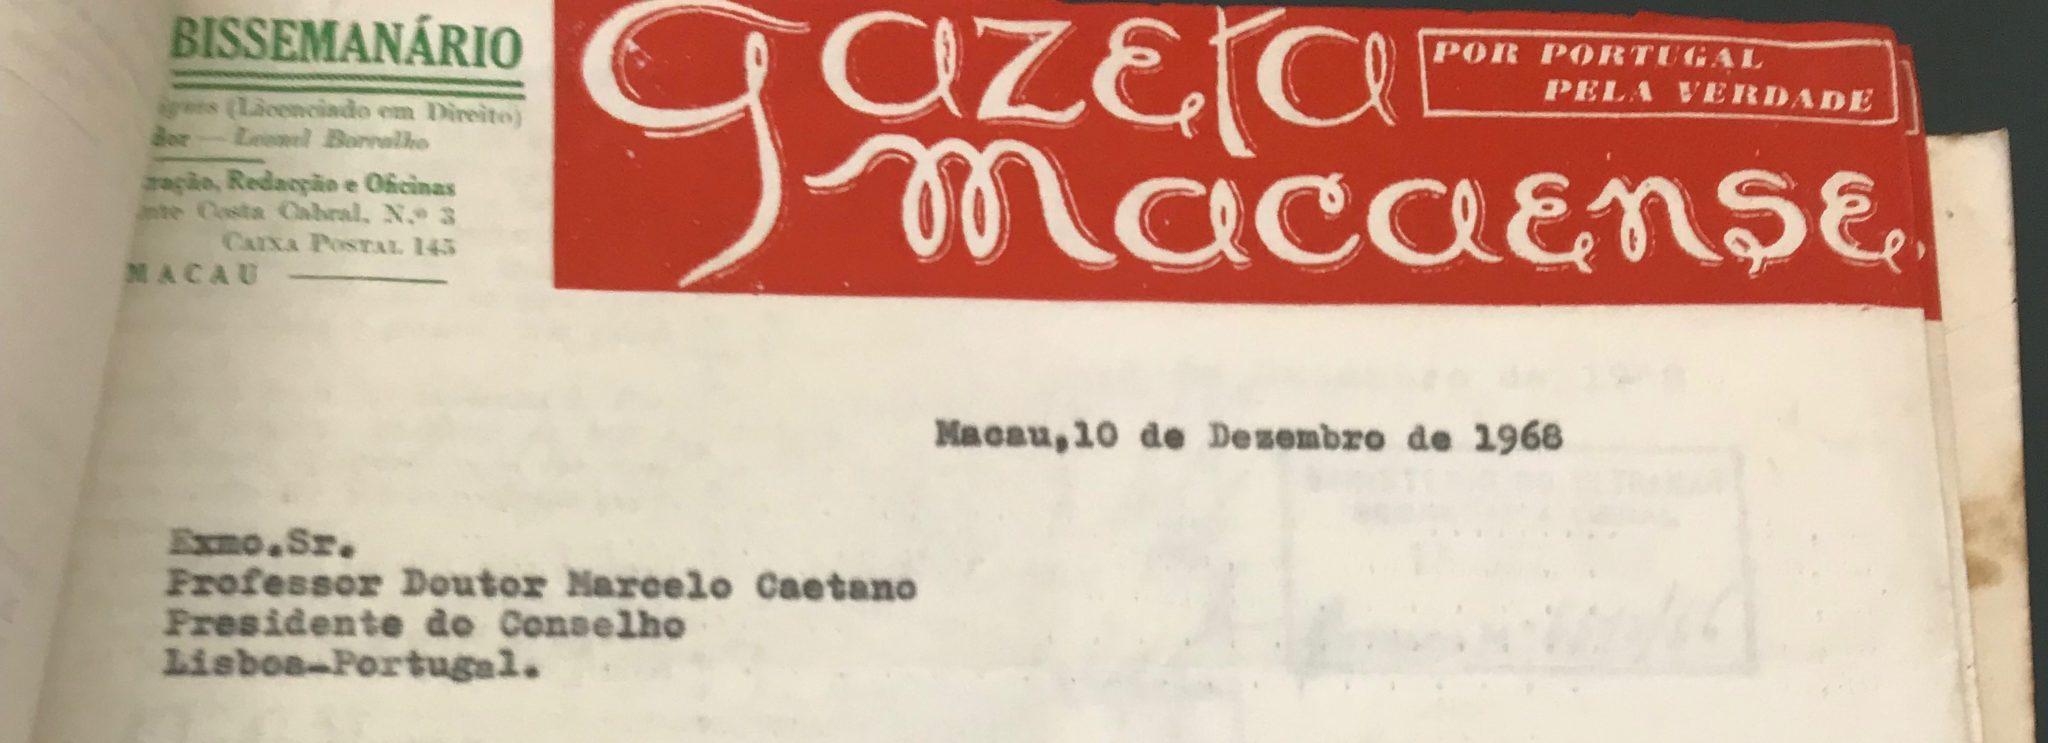 25 de Abril | O braço-de-ferro entre Leonel Borralho, a Comissão de Censura e a Metrópole